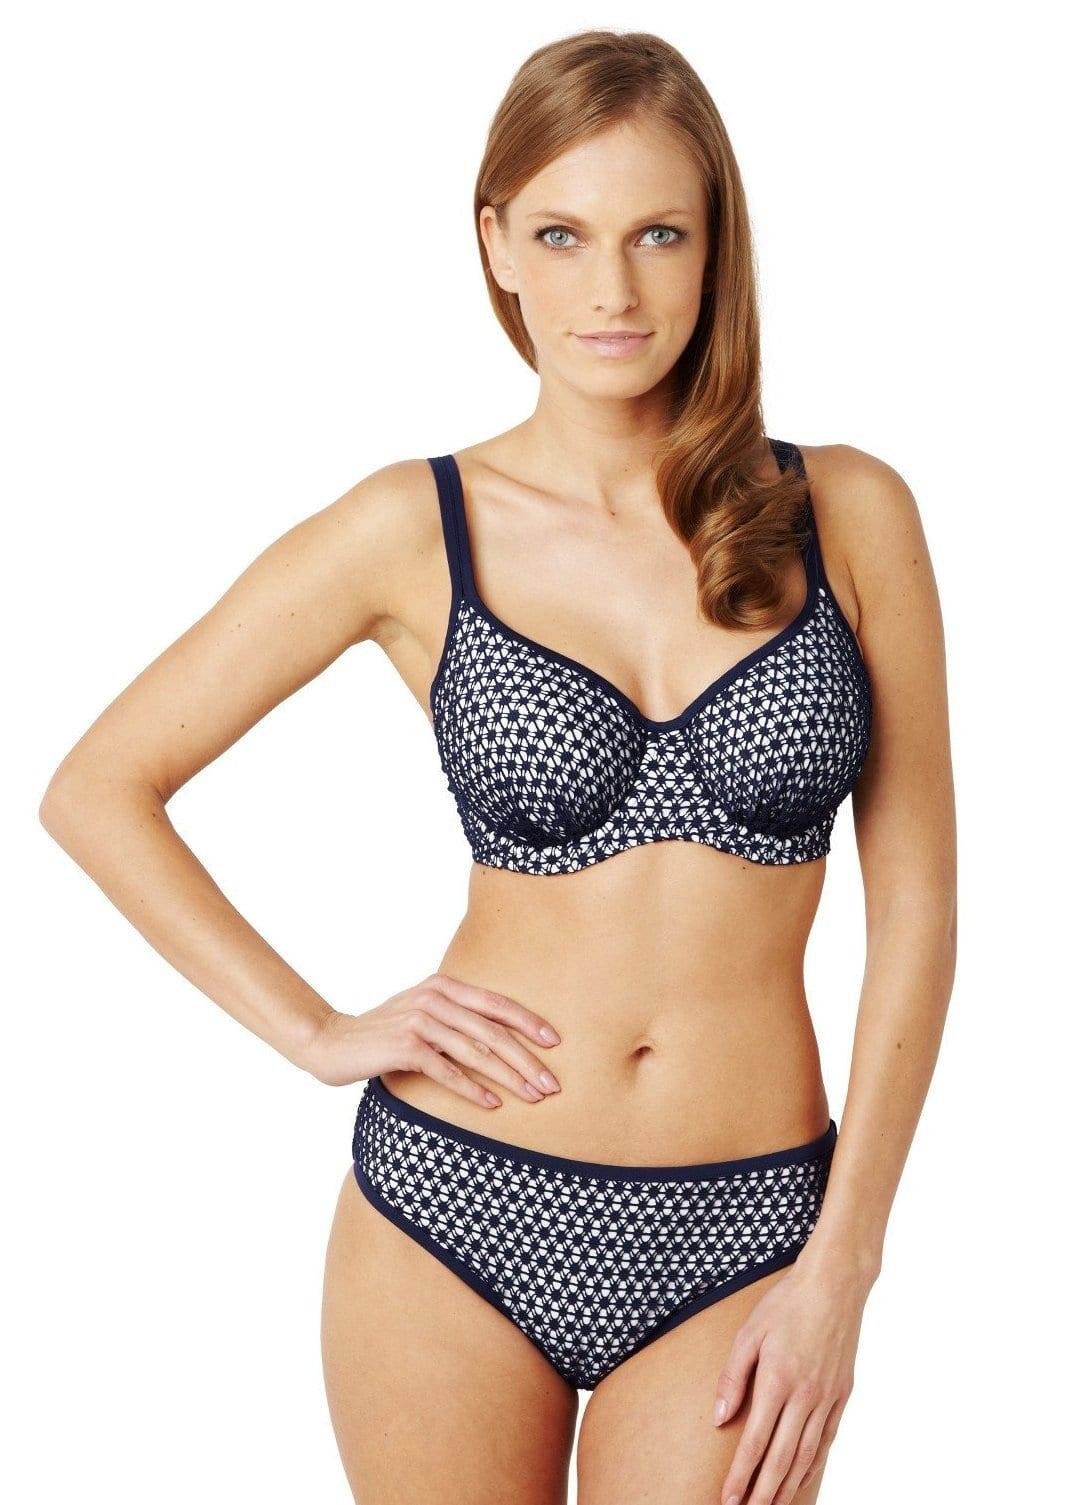 Купальники Panache-Swimwear-Eadie-Navy-White-Balconette-Bikini-Top-SW0862-Classic-Brief-SW0866-Front_2048x